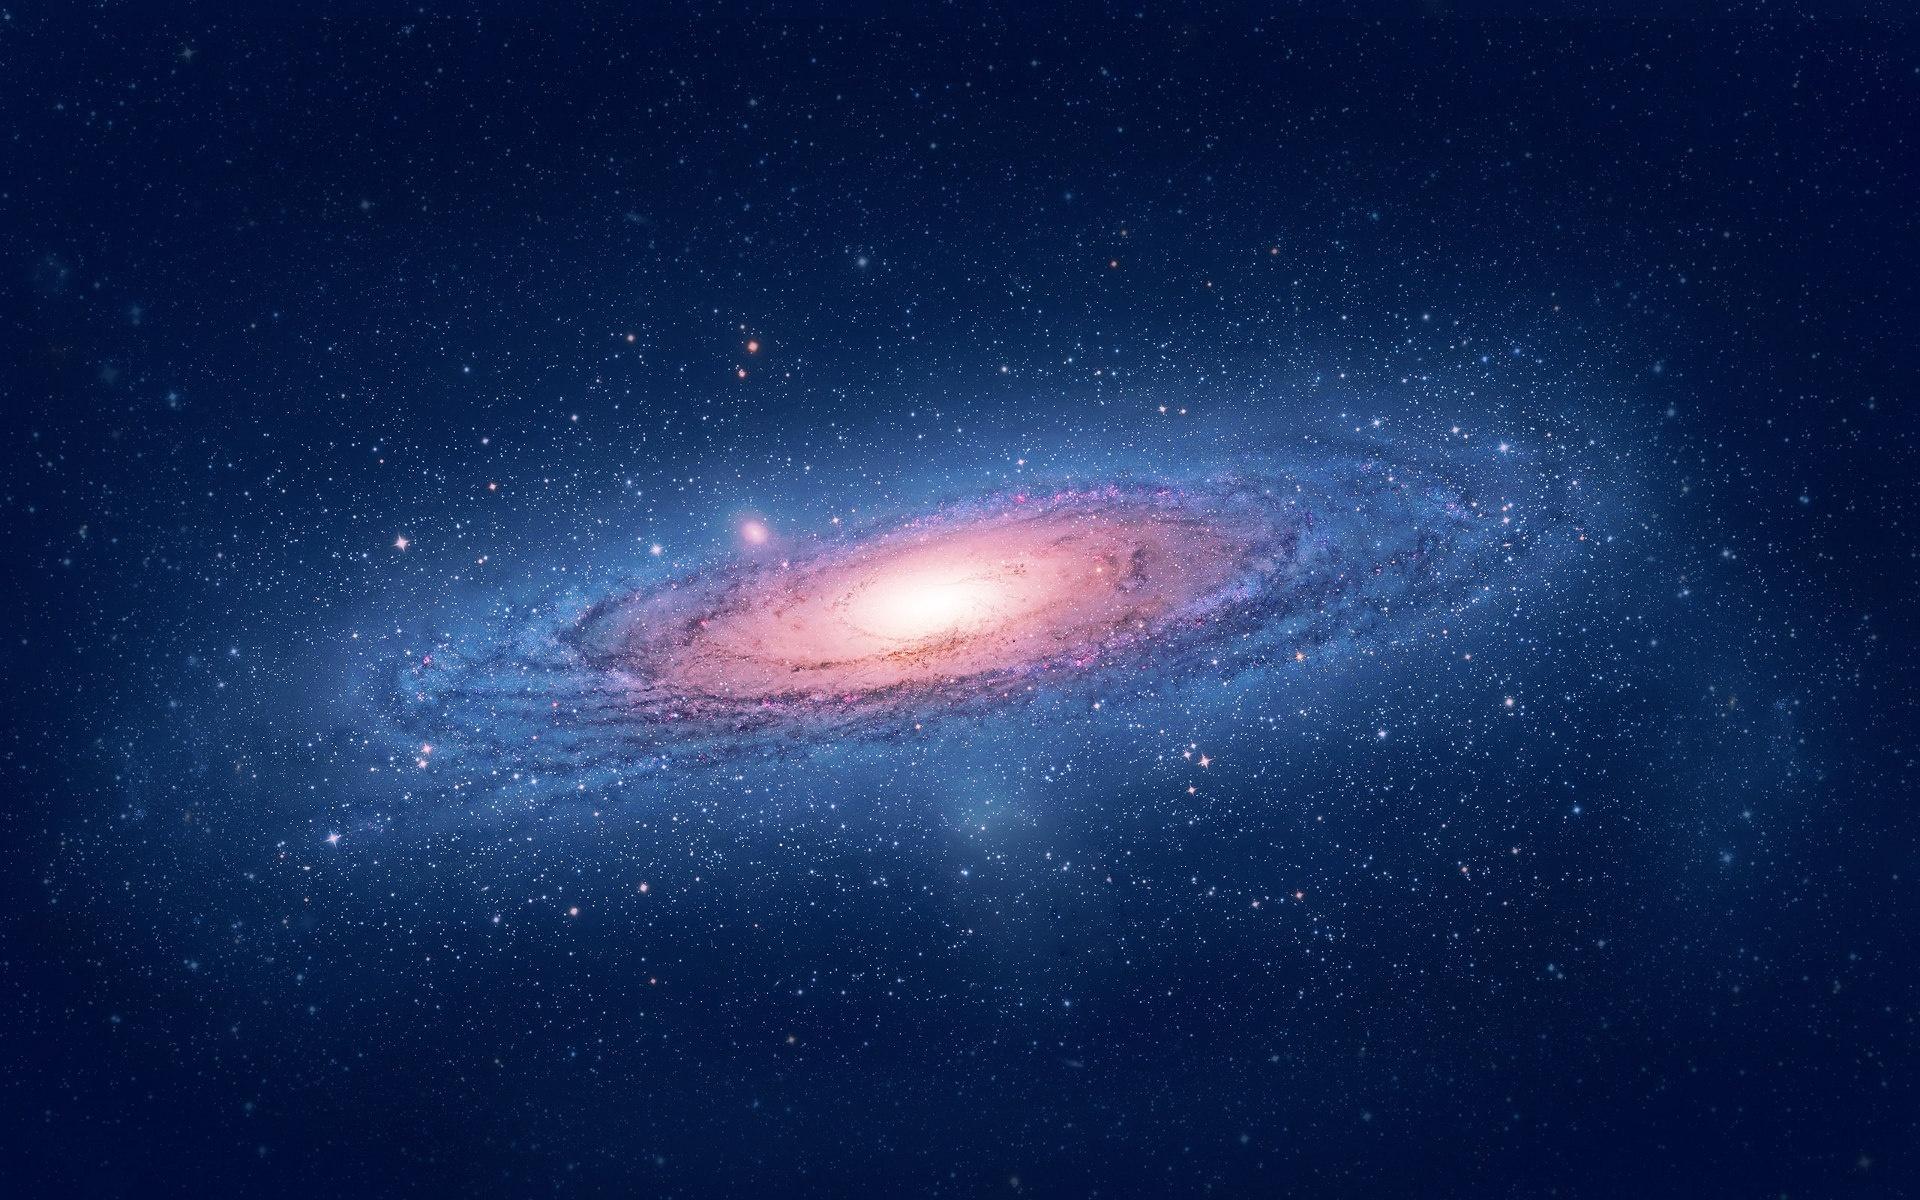 Картинки космоса в высоком разрешении на рабочий стол